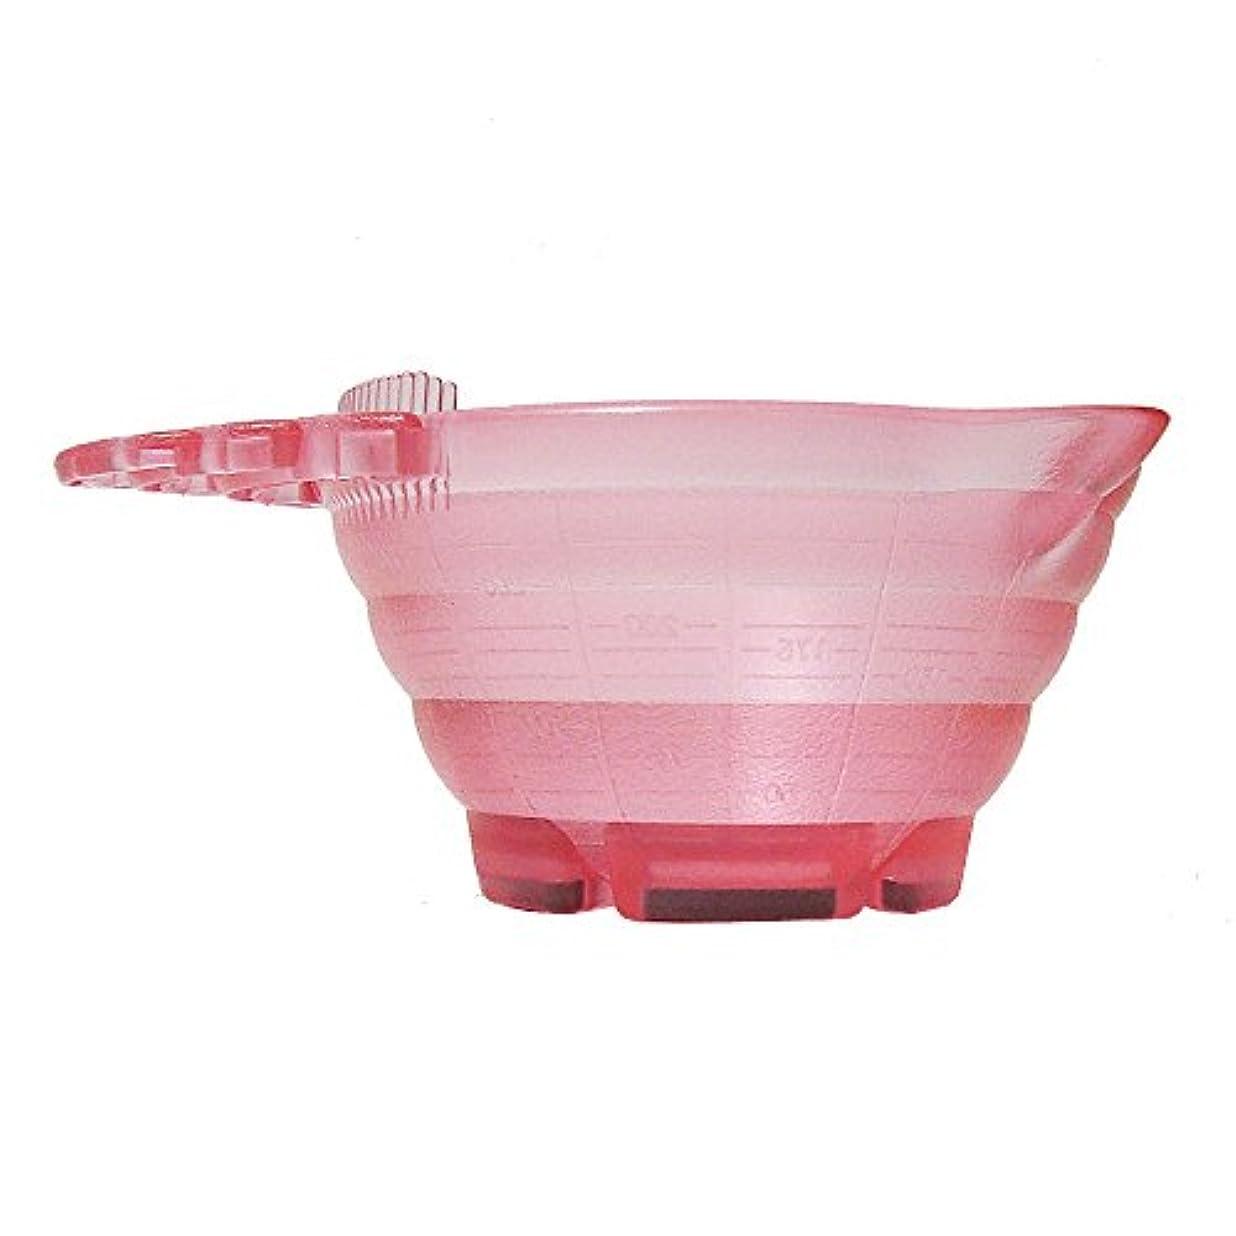 どれでも腹痛気球Y.S.PARK プロ ティントボール カラーカップ ピンク